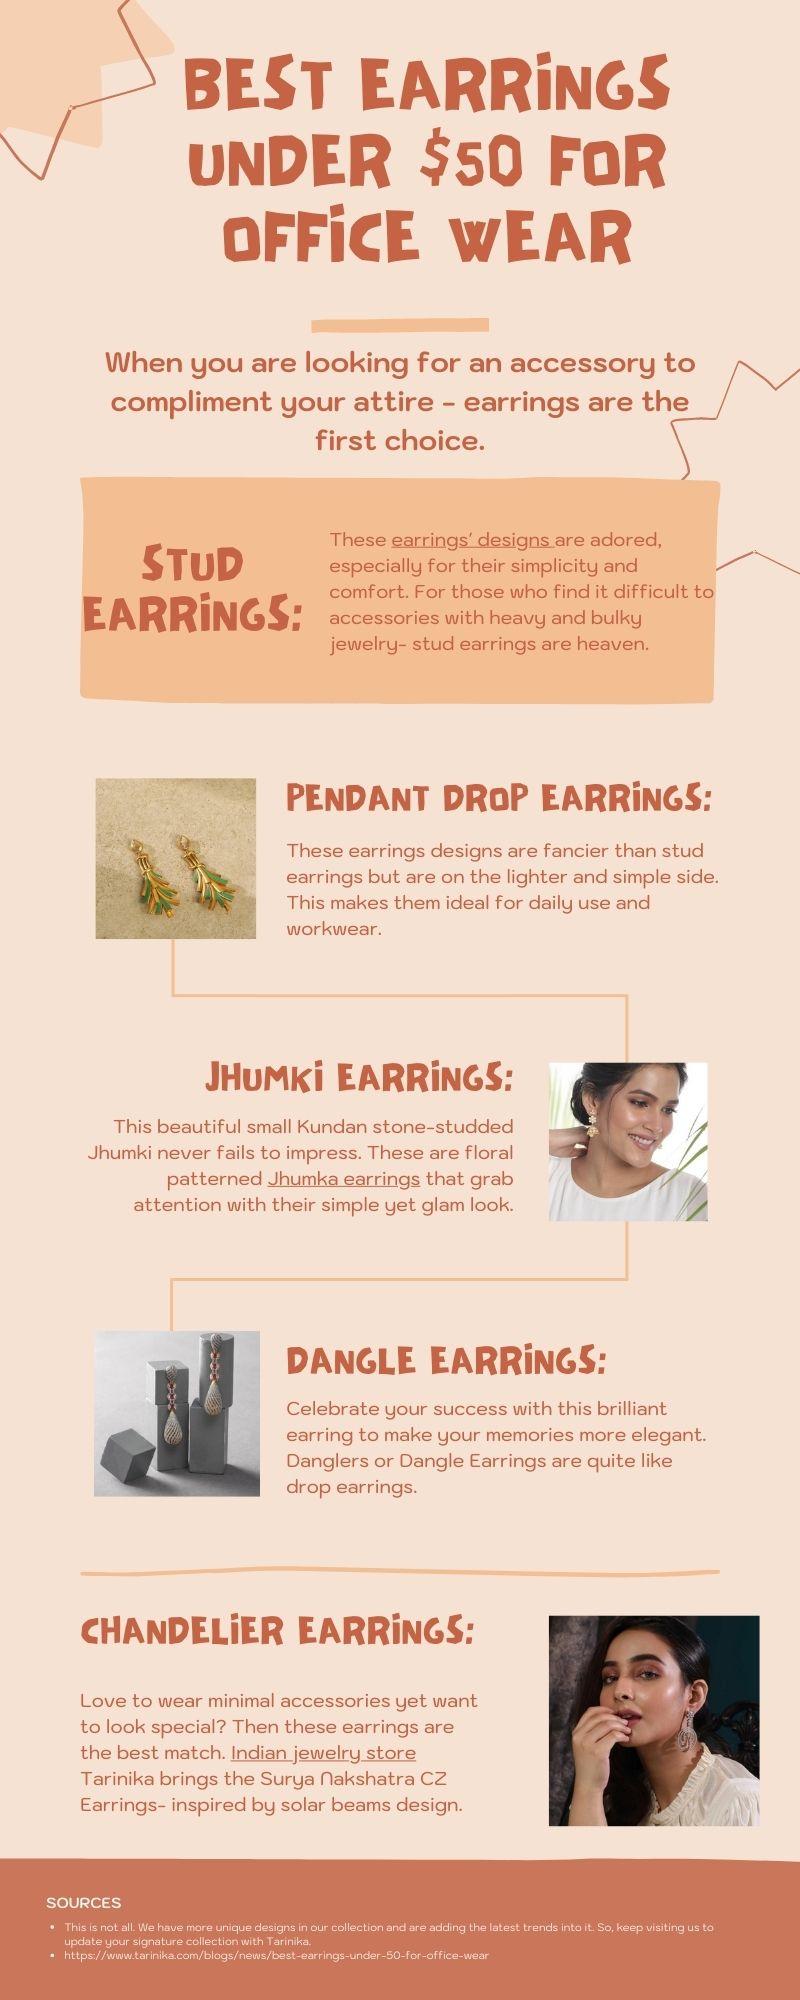 Best Earrings Under $50 For Office Wear